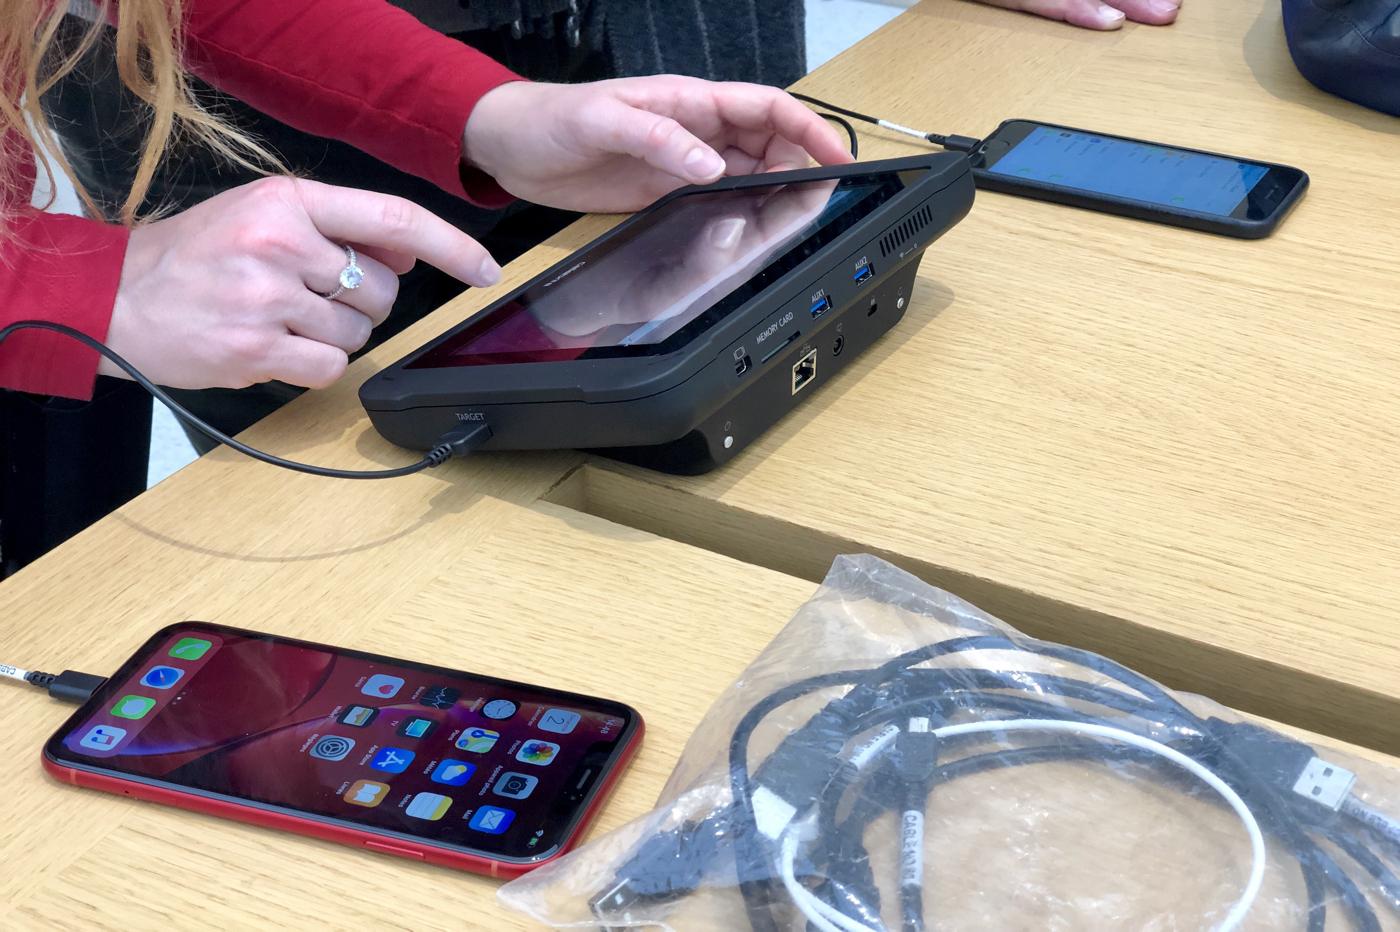 L'outil de Cellebrite peut déverrouiller n'importe quel iPhone sous iOS 12.3 1